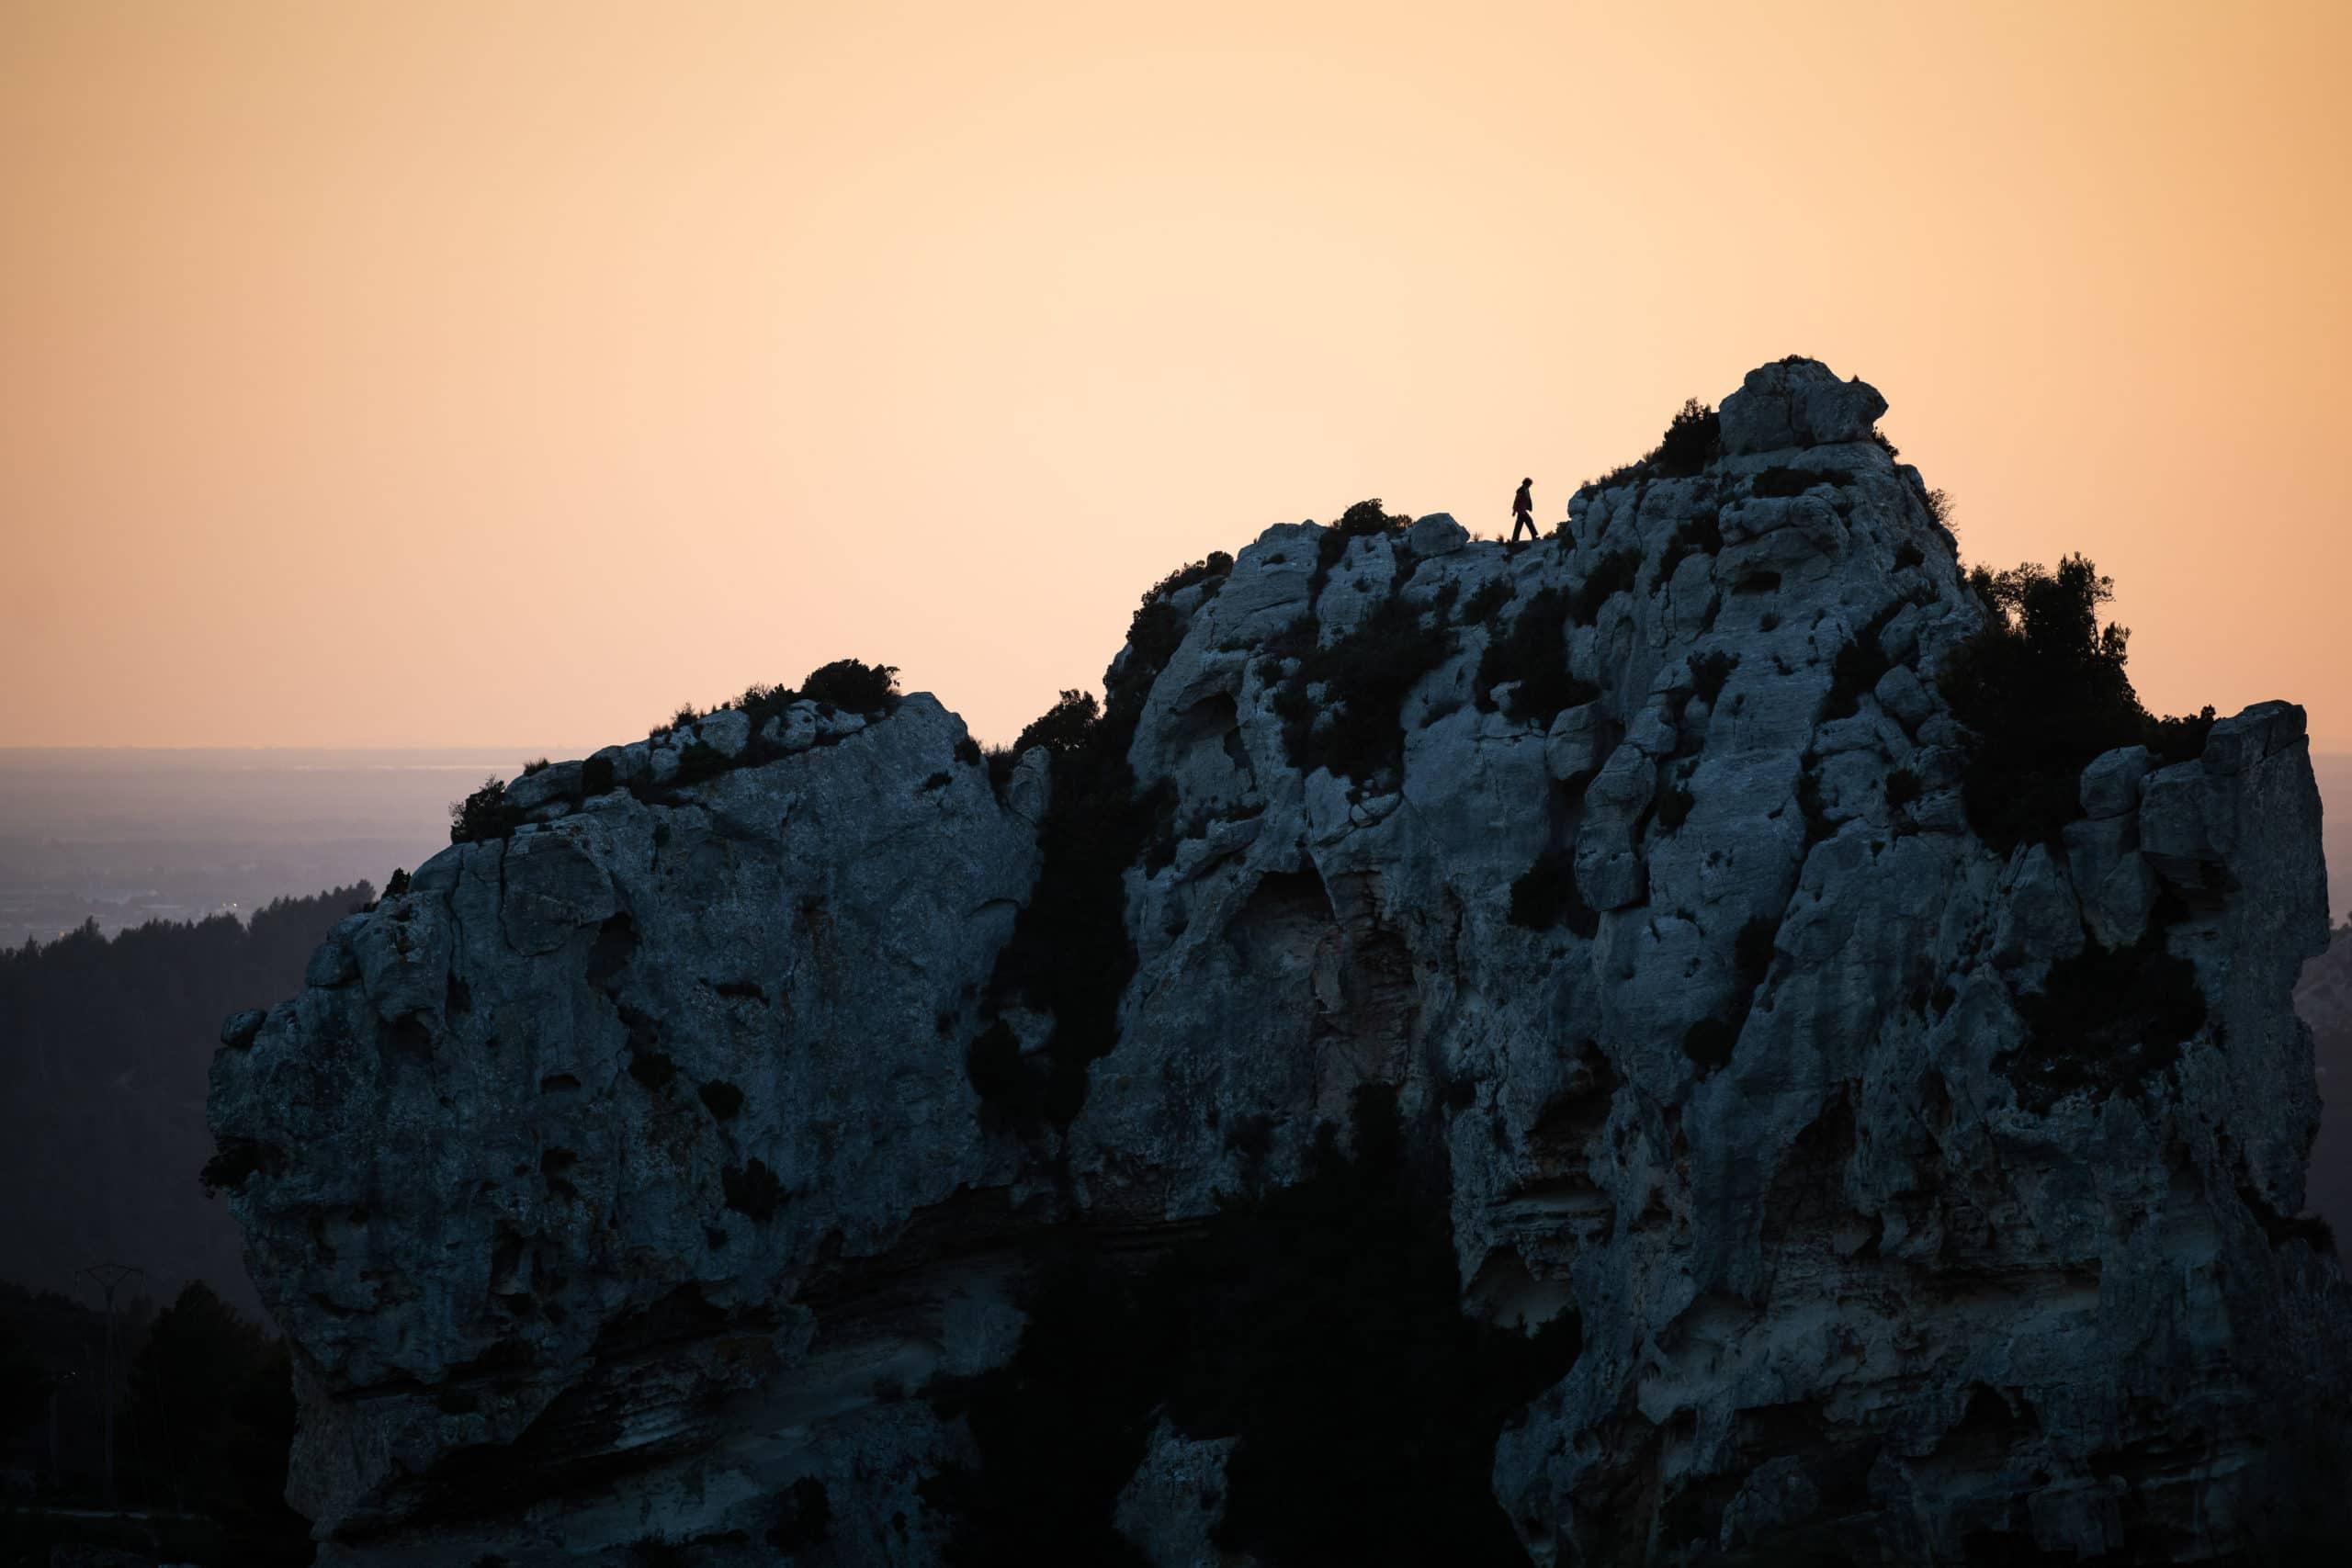 Lifestyle Aufnahme des Dorfs Les Baux de Provence Frankreich für Tourismus Marketing Zwecke |Landschaftsfotograf für Tourismusfotografie in Osnabrück Münster Bielefeld NRW Niedersachsen und bundesweit